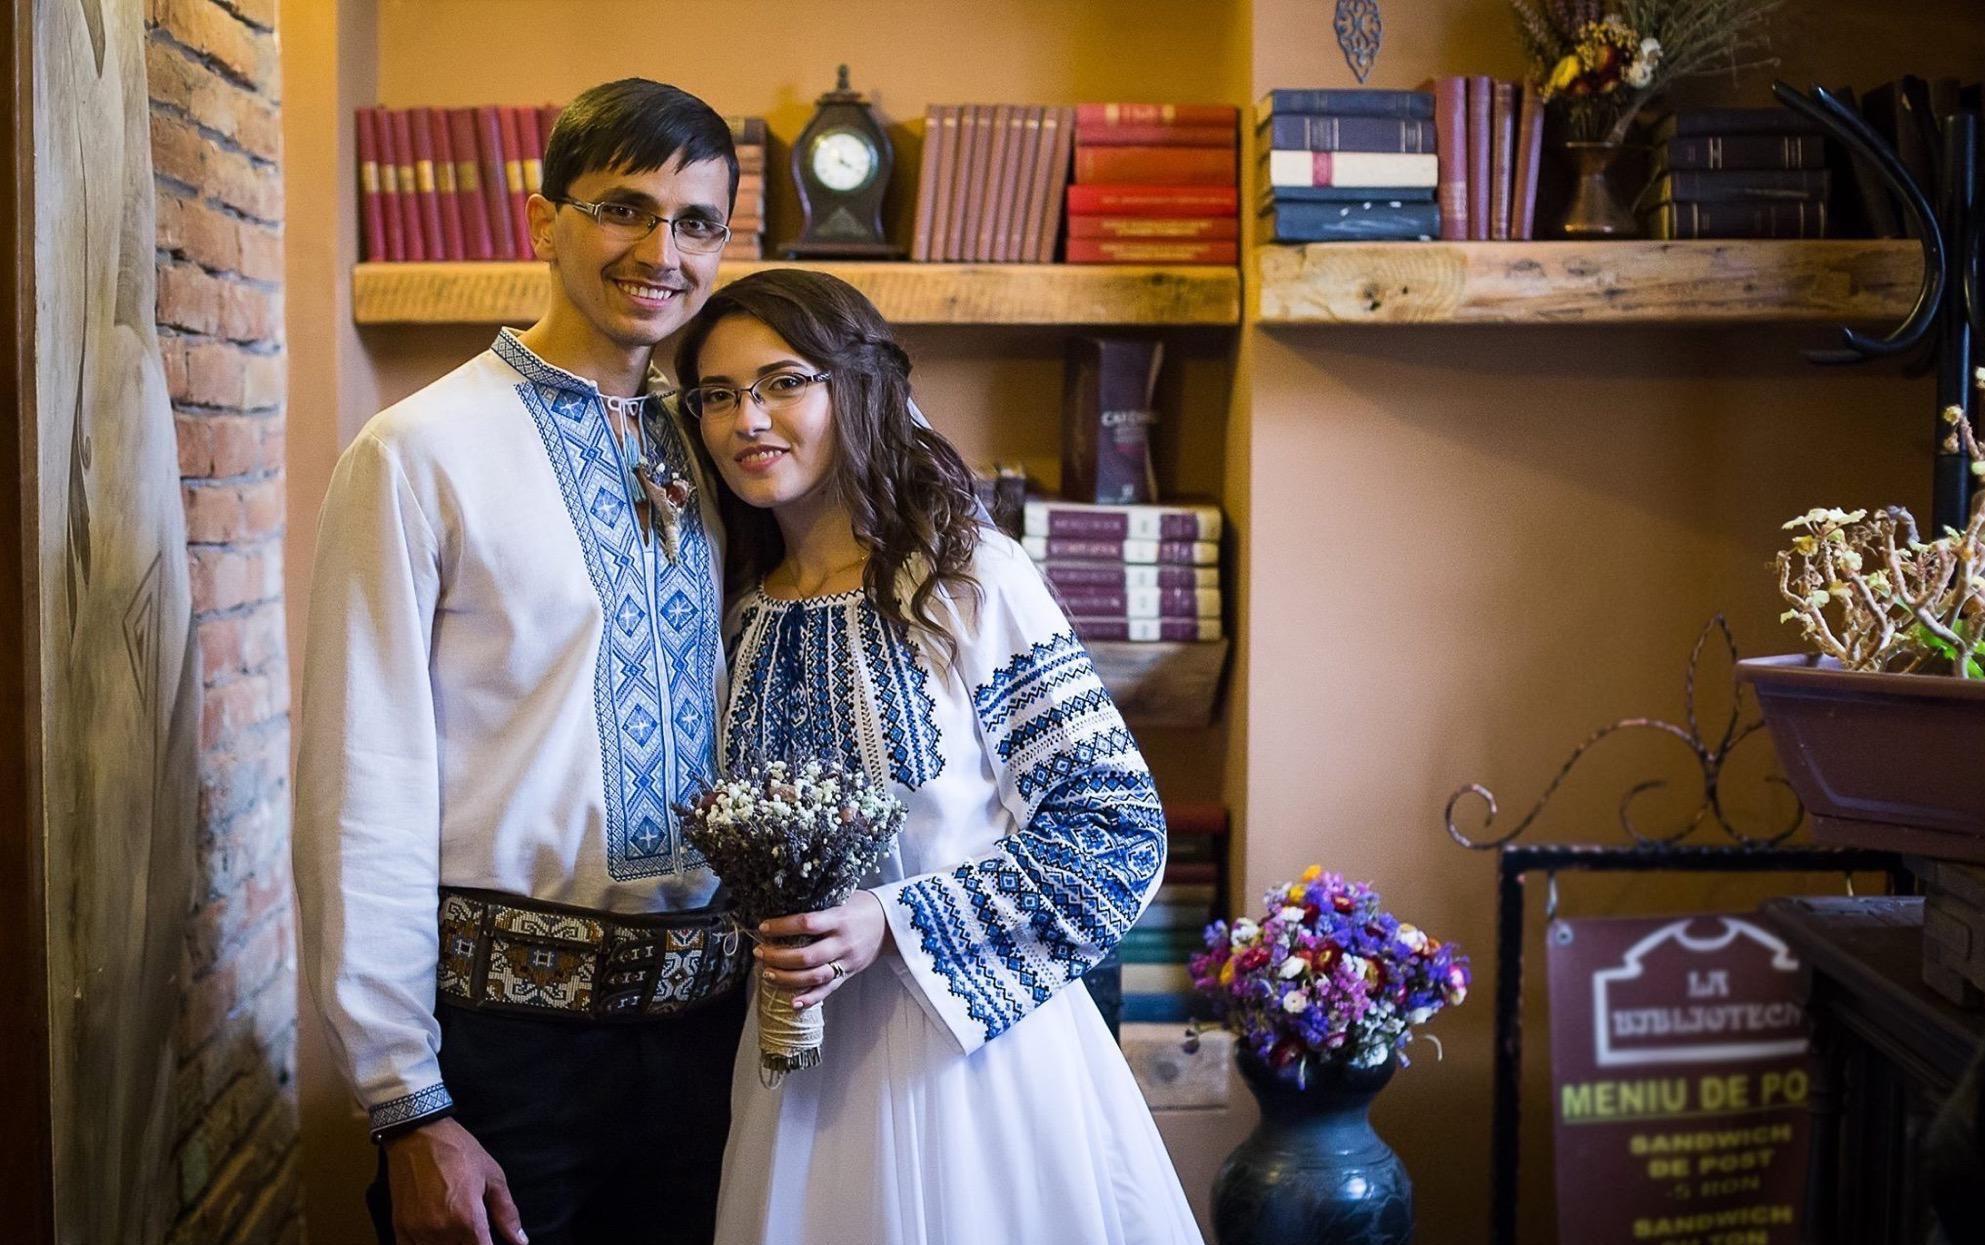 Povești Nunți Tradiționale - Ioana-Alexandra și Bogdan-Vasile. Nuntă tradițională în Fălticeni 42